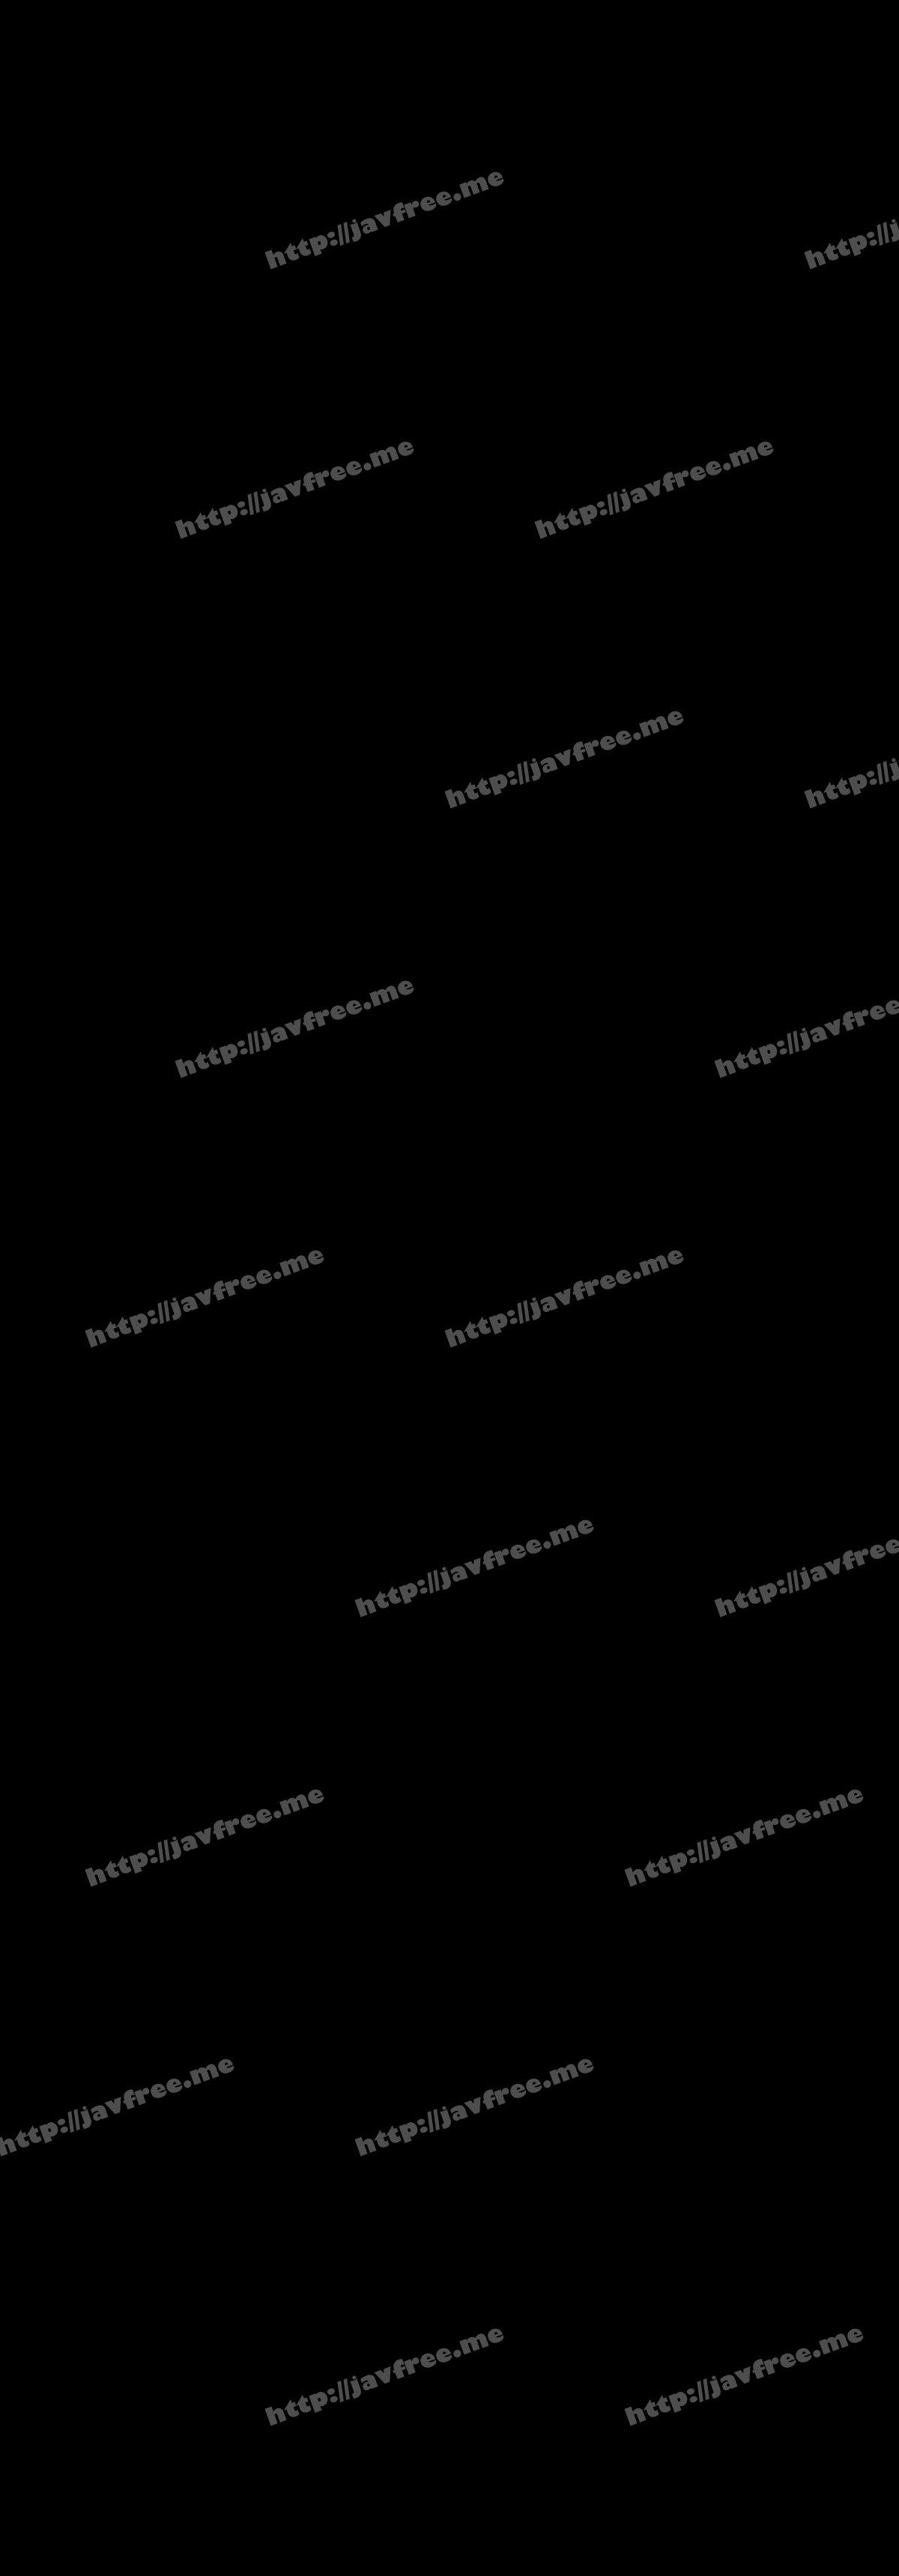 [HD][HUNTB-042] 合宿中の女子チアリーディング部の息抜きはボクのチ○ポだけ!ハード練習&禁欲生活で欲求不満の女子部員たちとまさかの中出しハーレム乱交!さらに… - image HUNTB-042-1080p on https://javfree.me